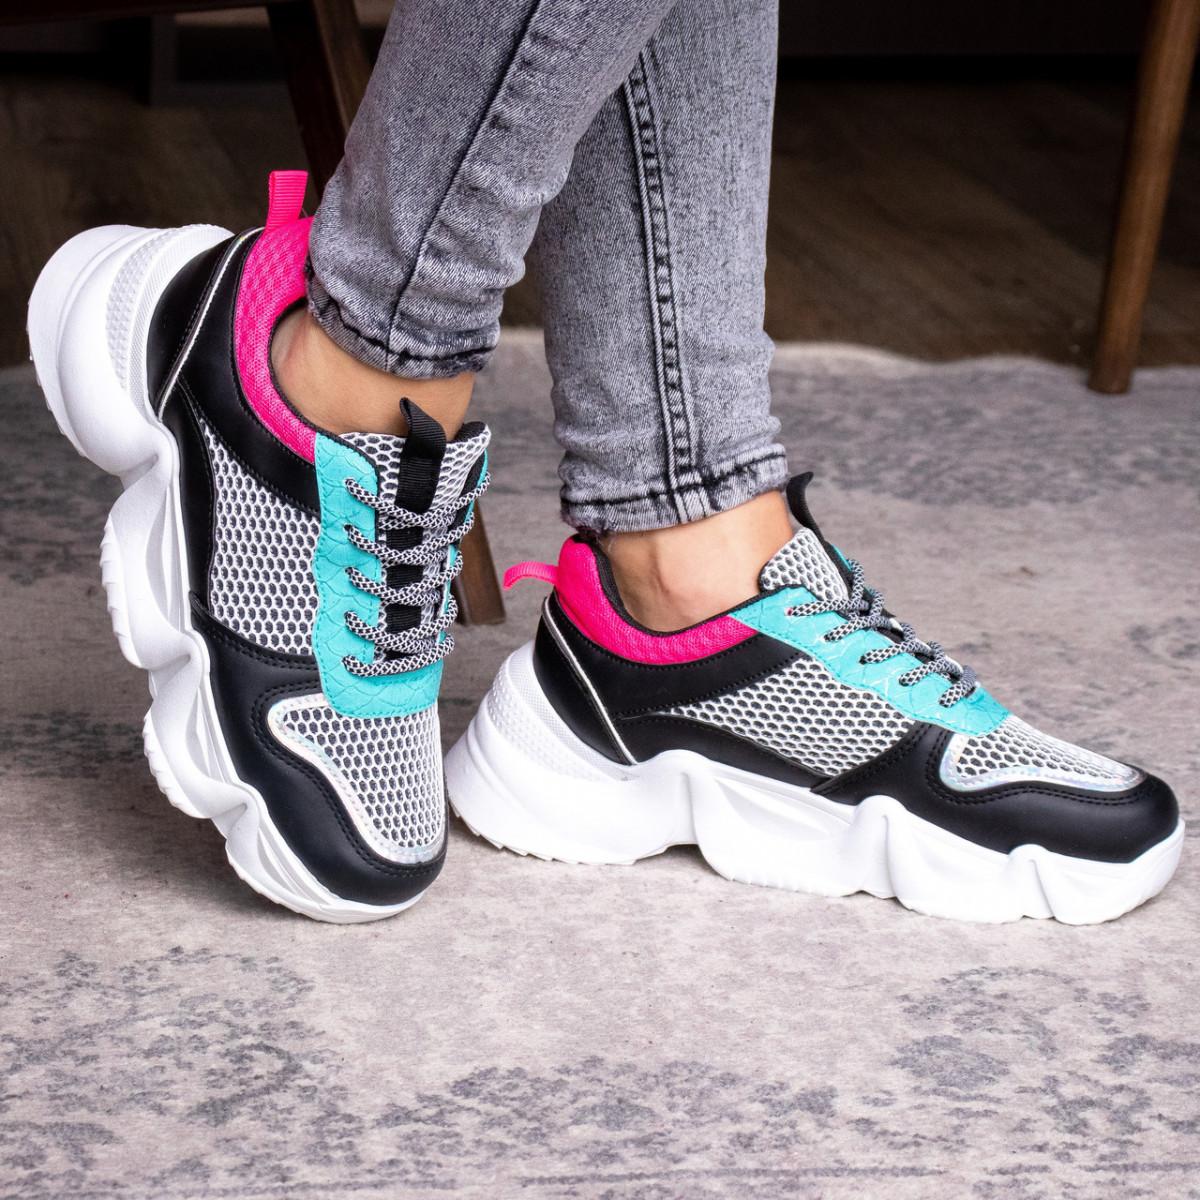 Жіночі кросівки Fashion Carrissa 1757 37 розмір 23 см Чорний